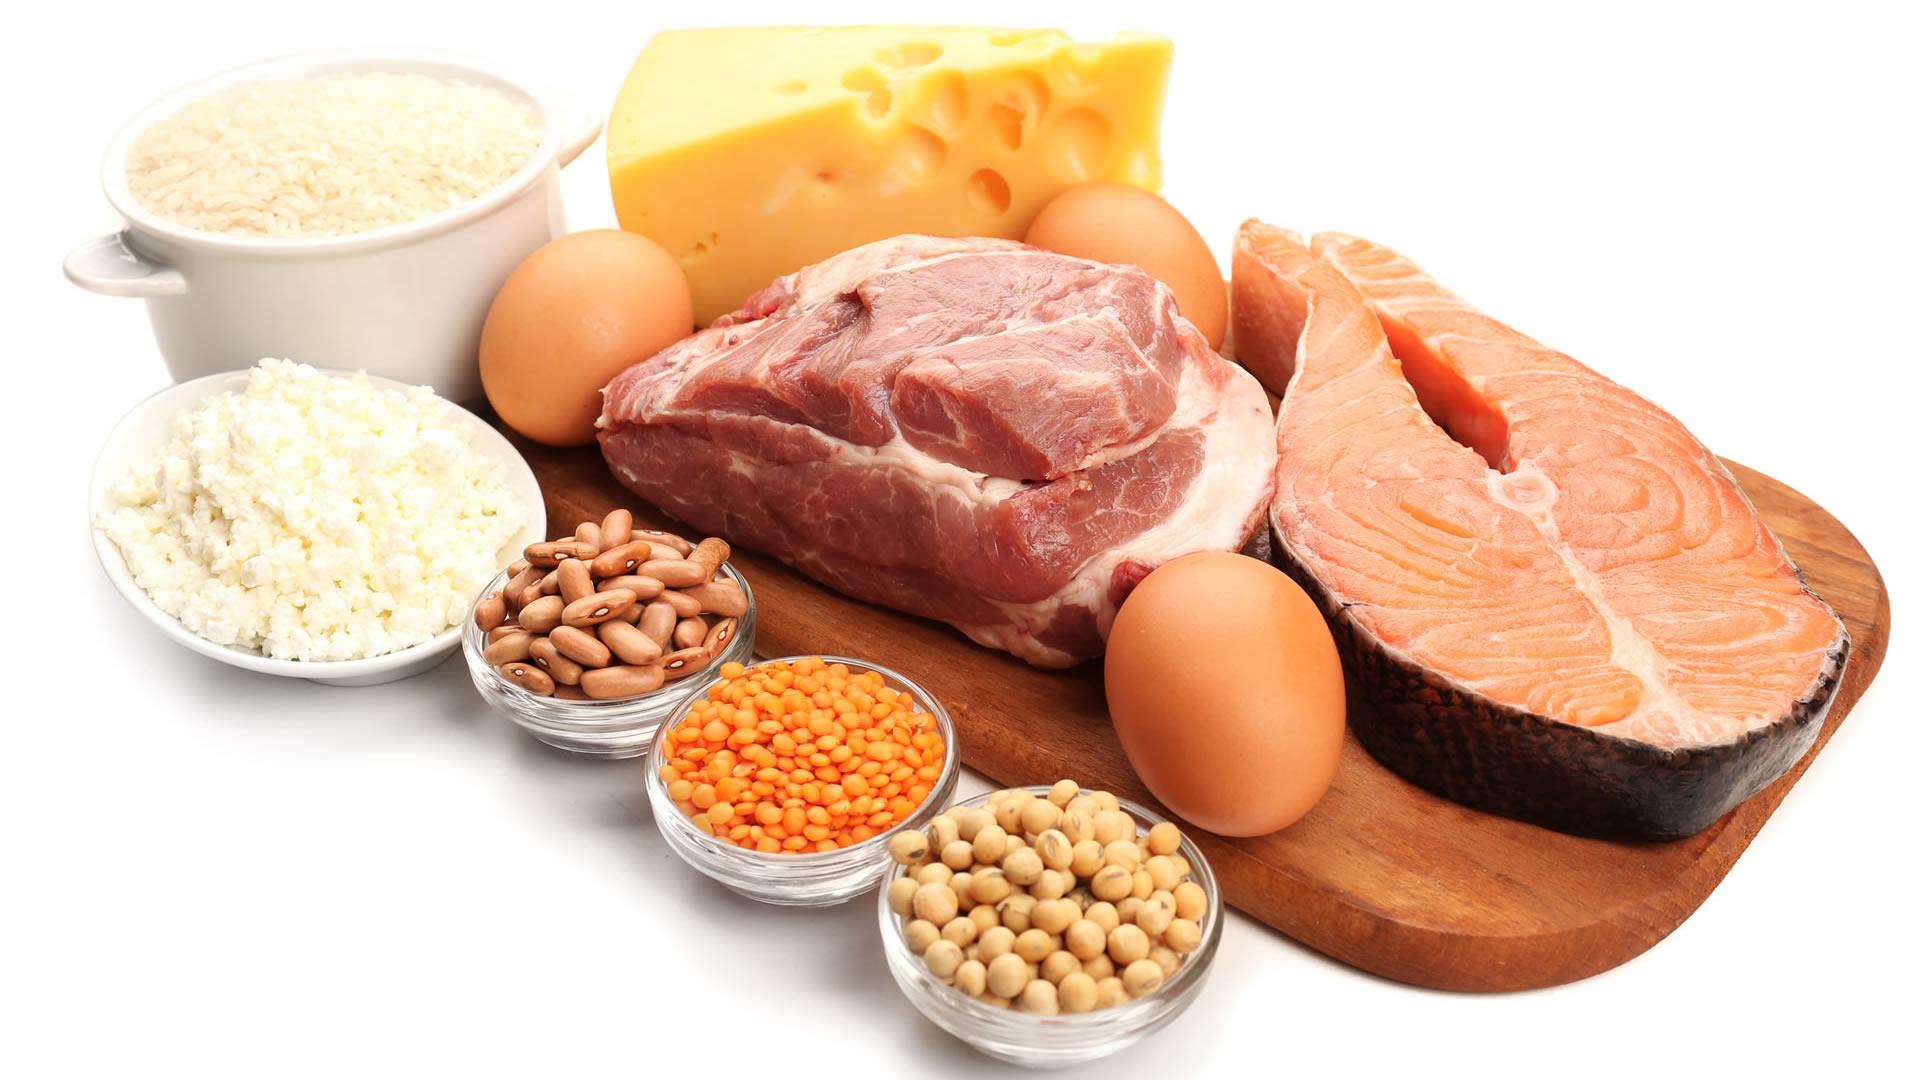 Etiquetado Nutricional obligatorio: las proteínas